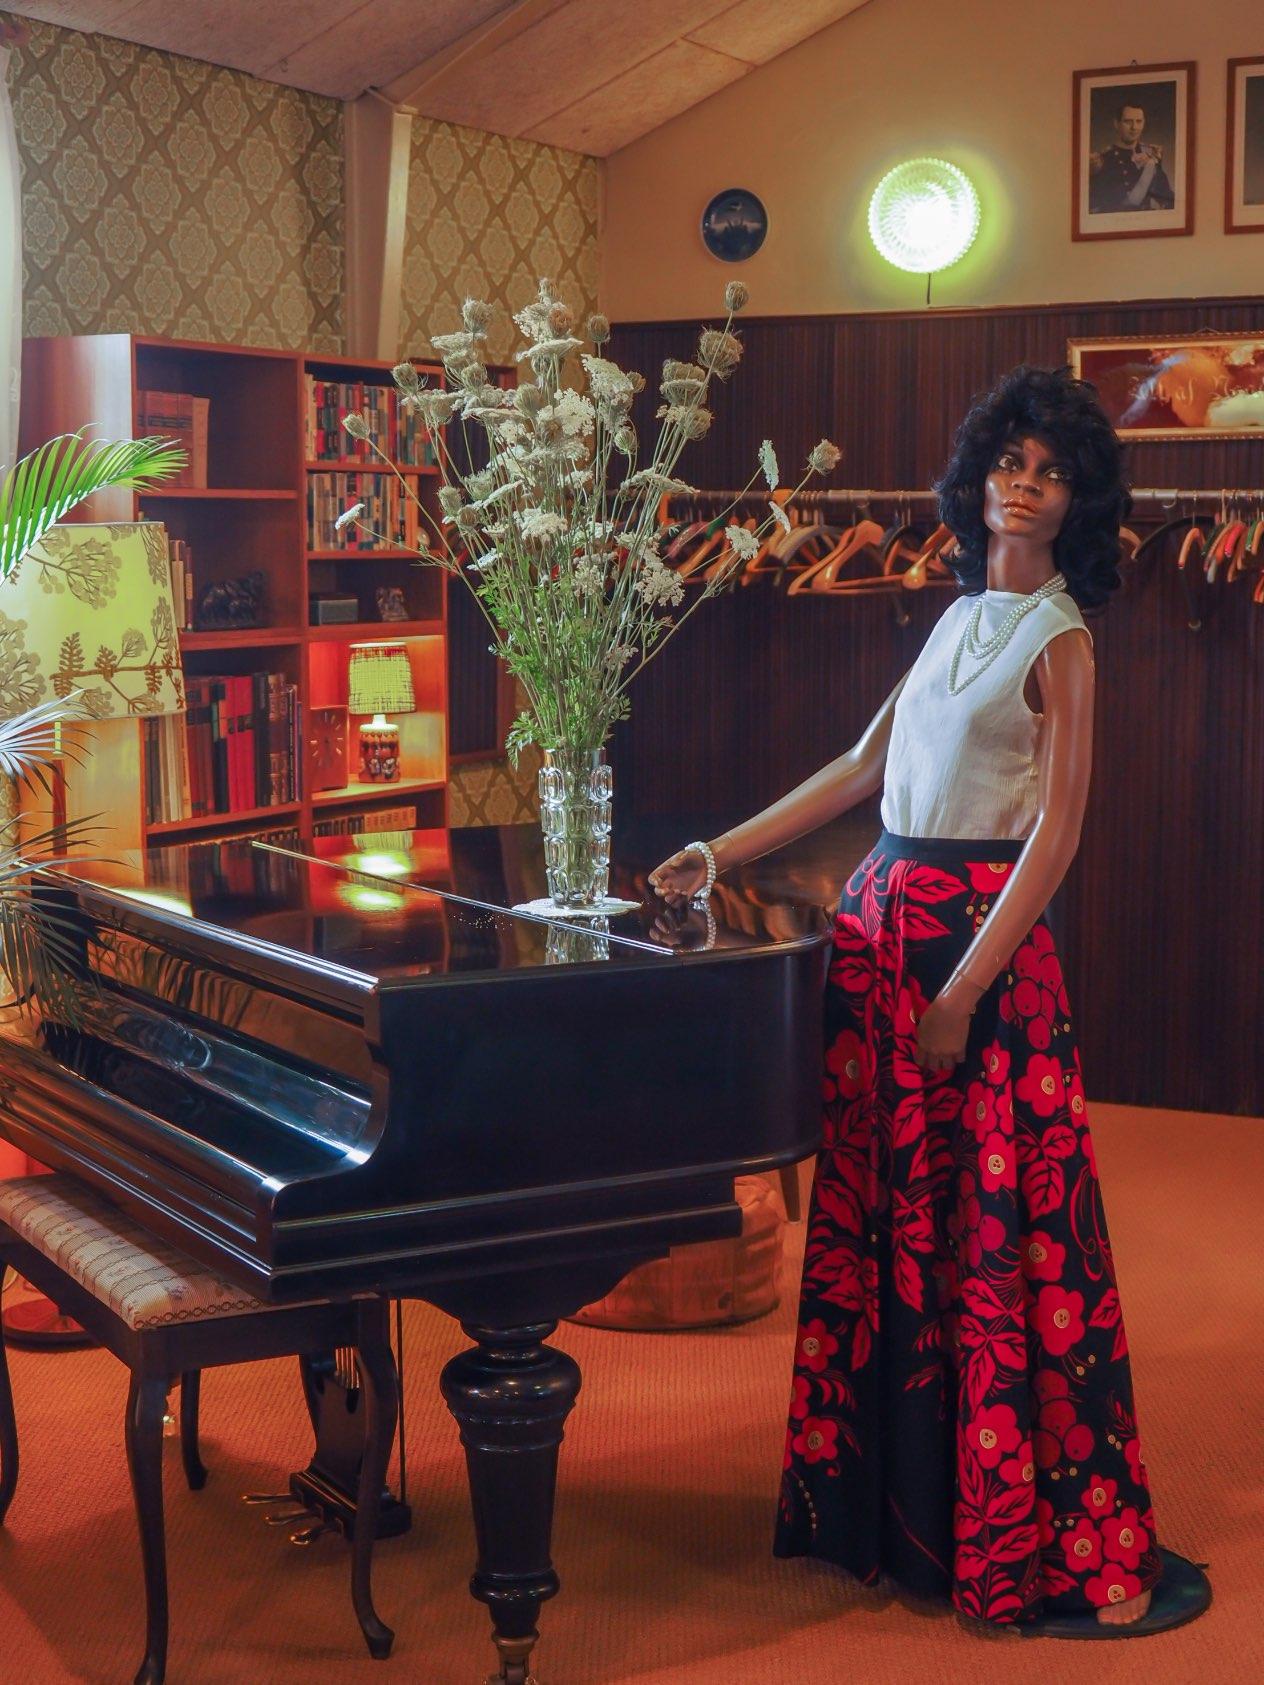 Kvinden og klaveret